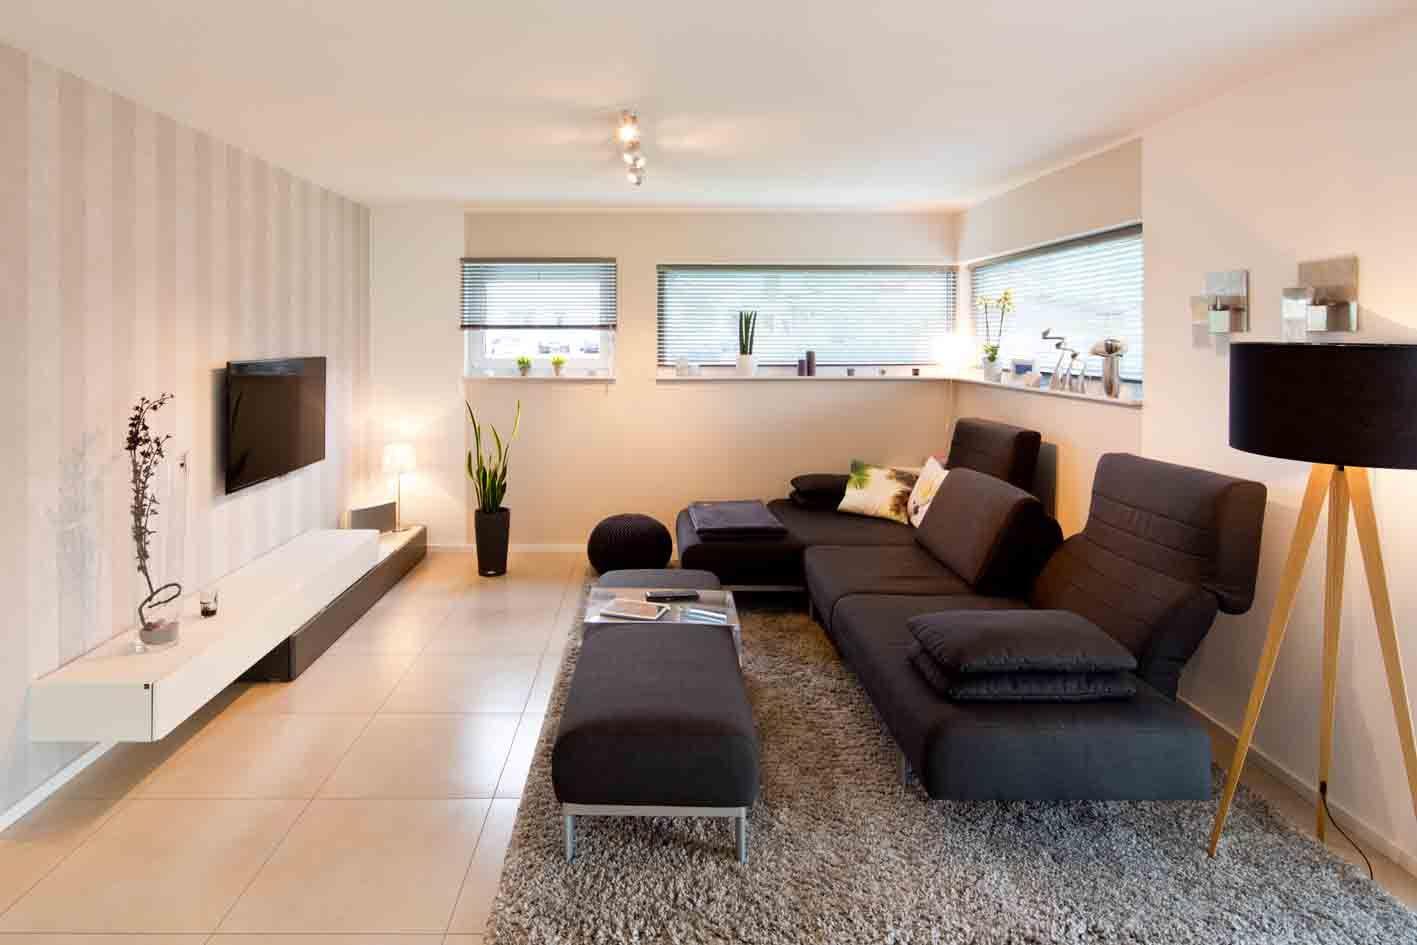 Gemütliches Wohnzimmer mit Lichtbändern und Sofaecke  Wohnzimmer